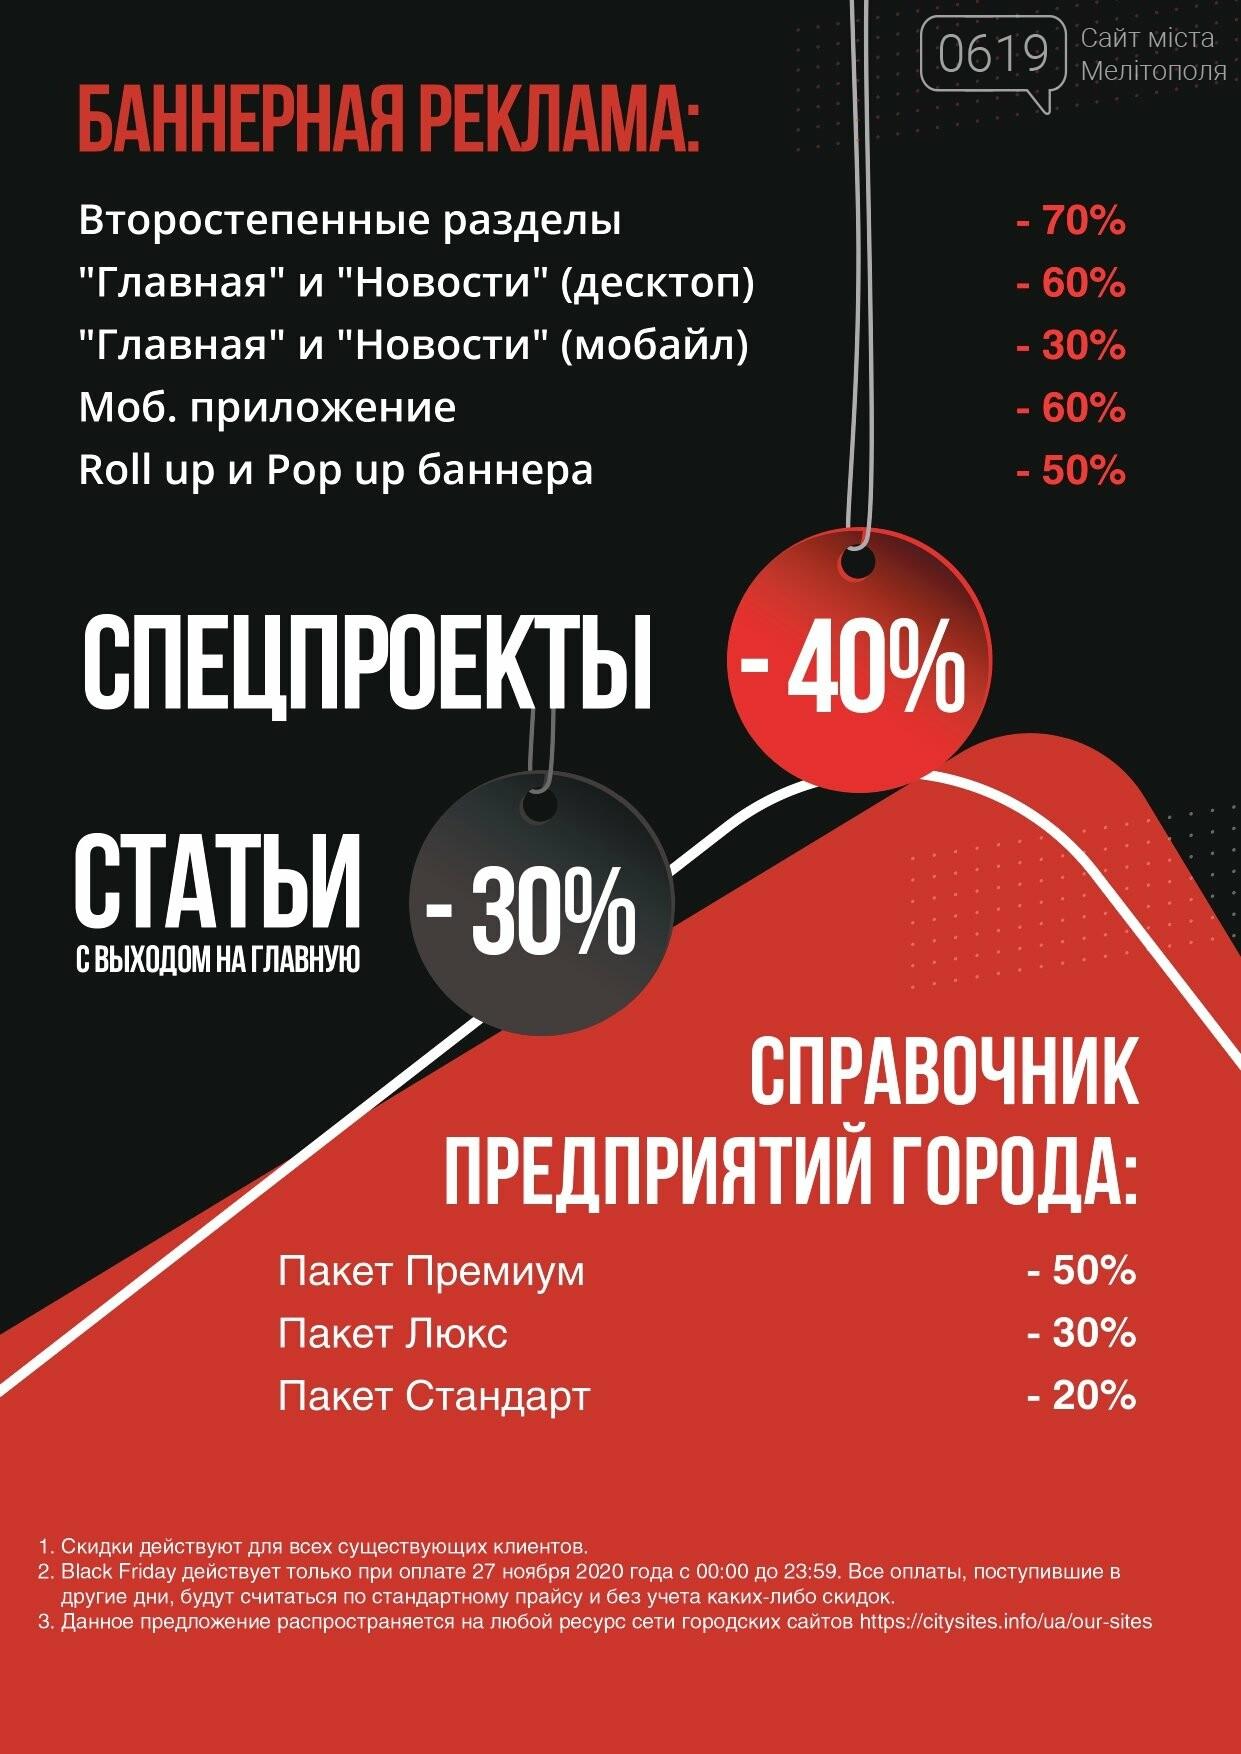 Черная пятница на сайте города! Скидки до 70% на все рекламные услуги!, фото-2